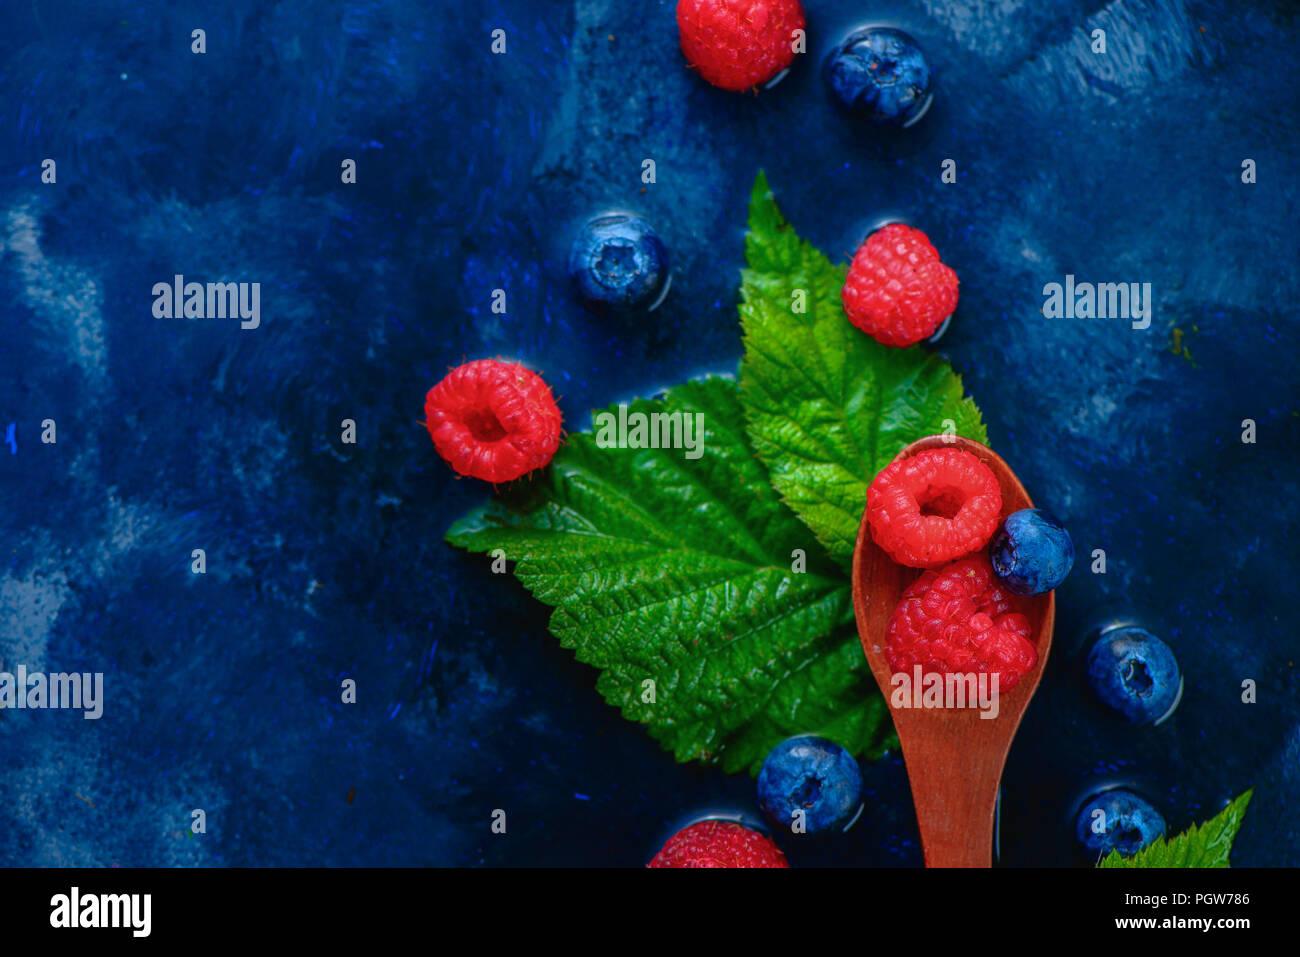 Las bayas de verano en cucharas de madera vista desde arriba. Mezcla de arándanos y Frambuesa sobre un fondo azul oscuro mojado con espacio de copia. Las materias primas desde arriba Imagen De Stock